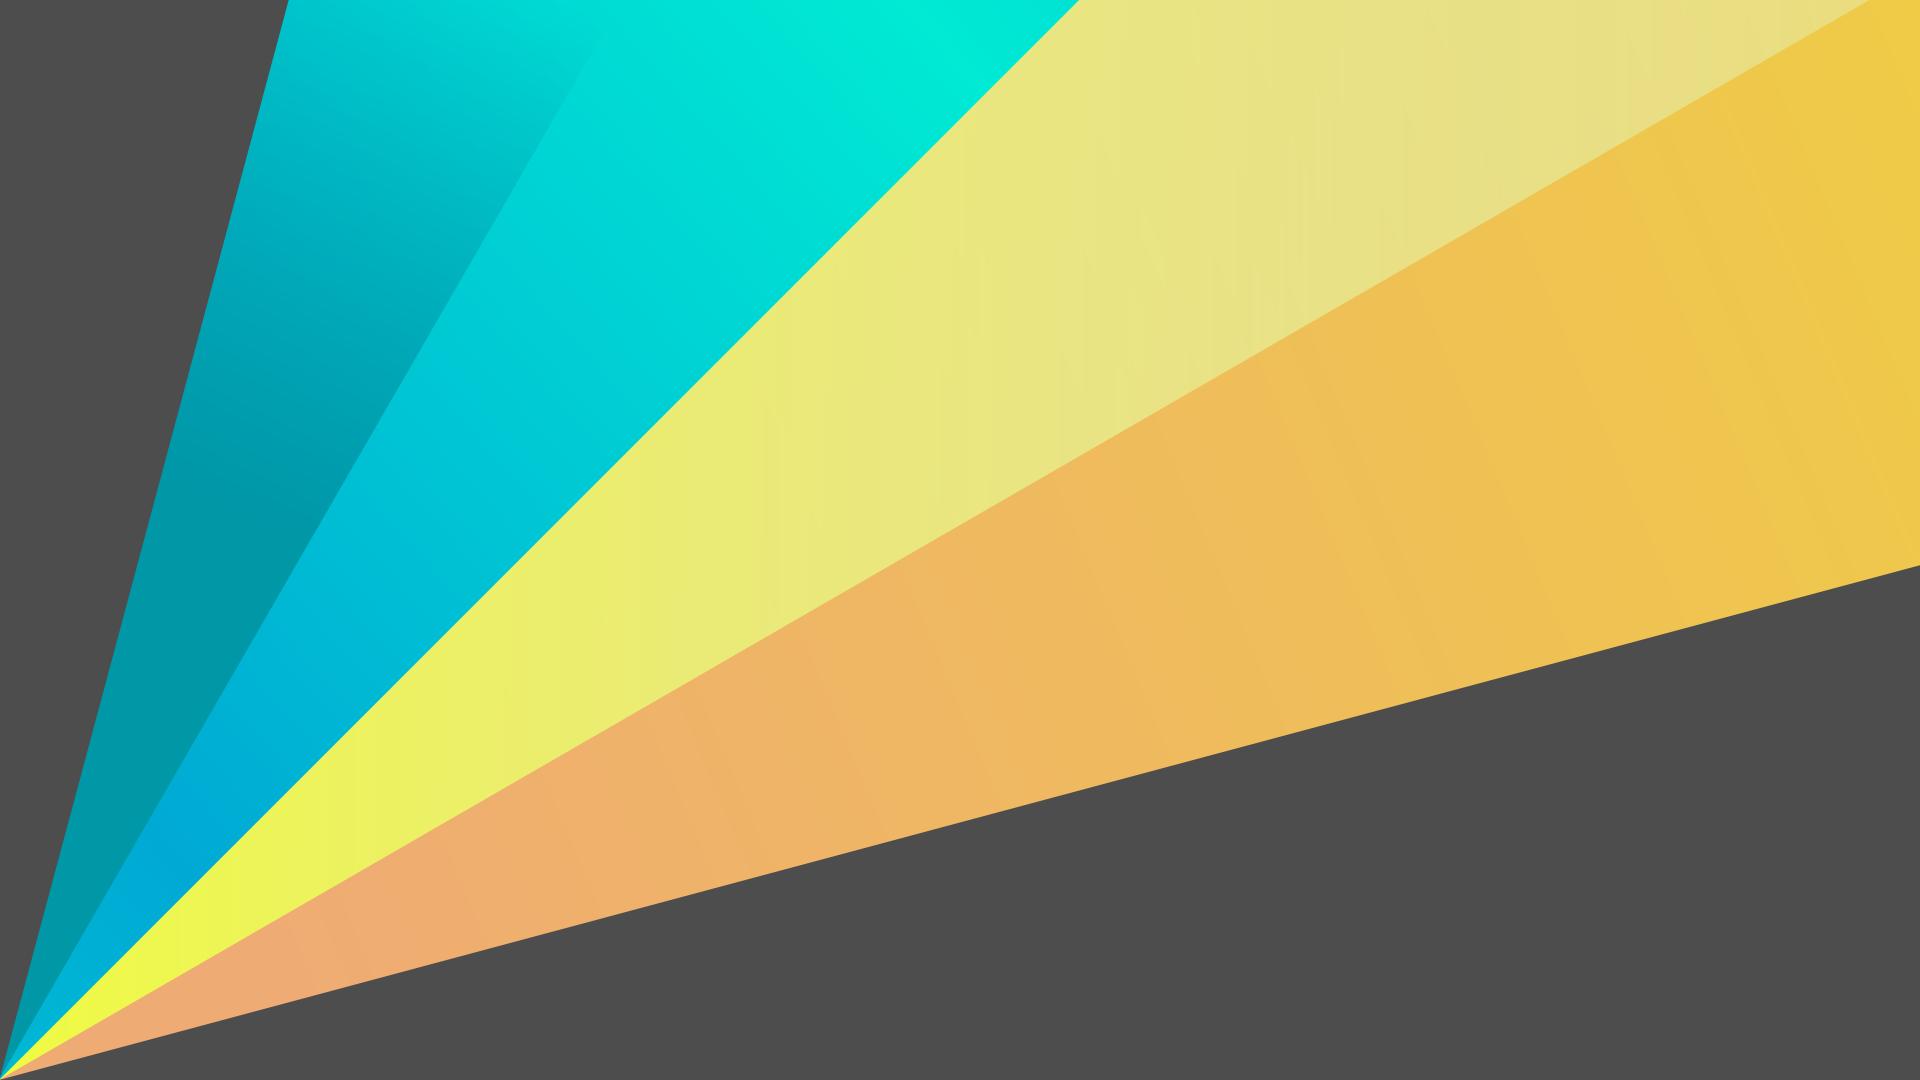 Lock Hd Wallpaper Android Minimal 1439613 Hd